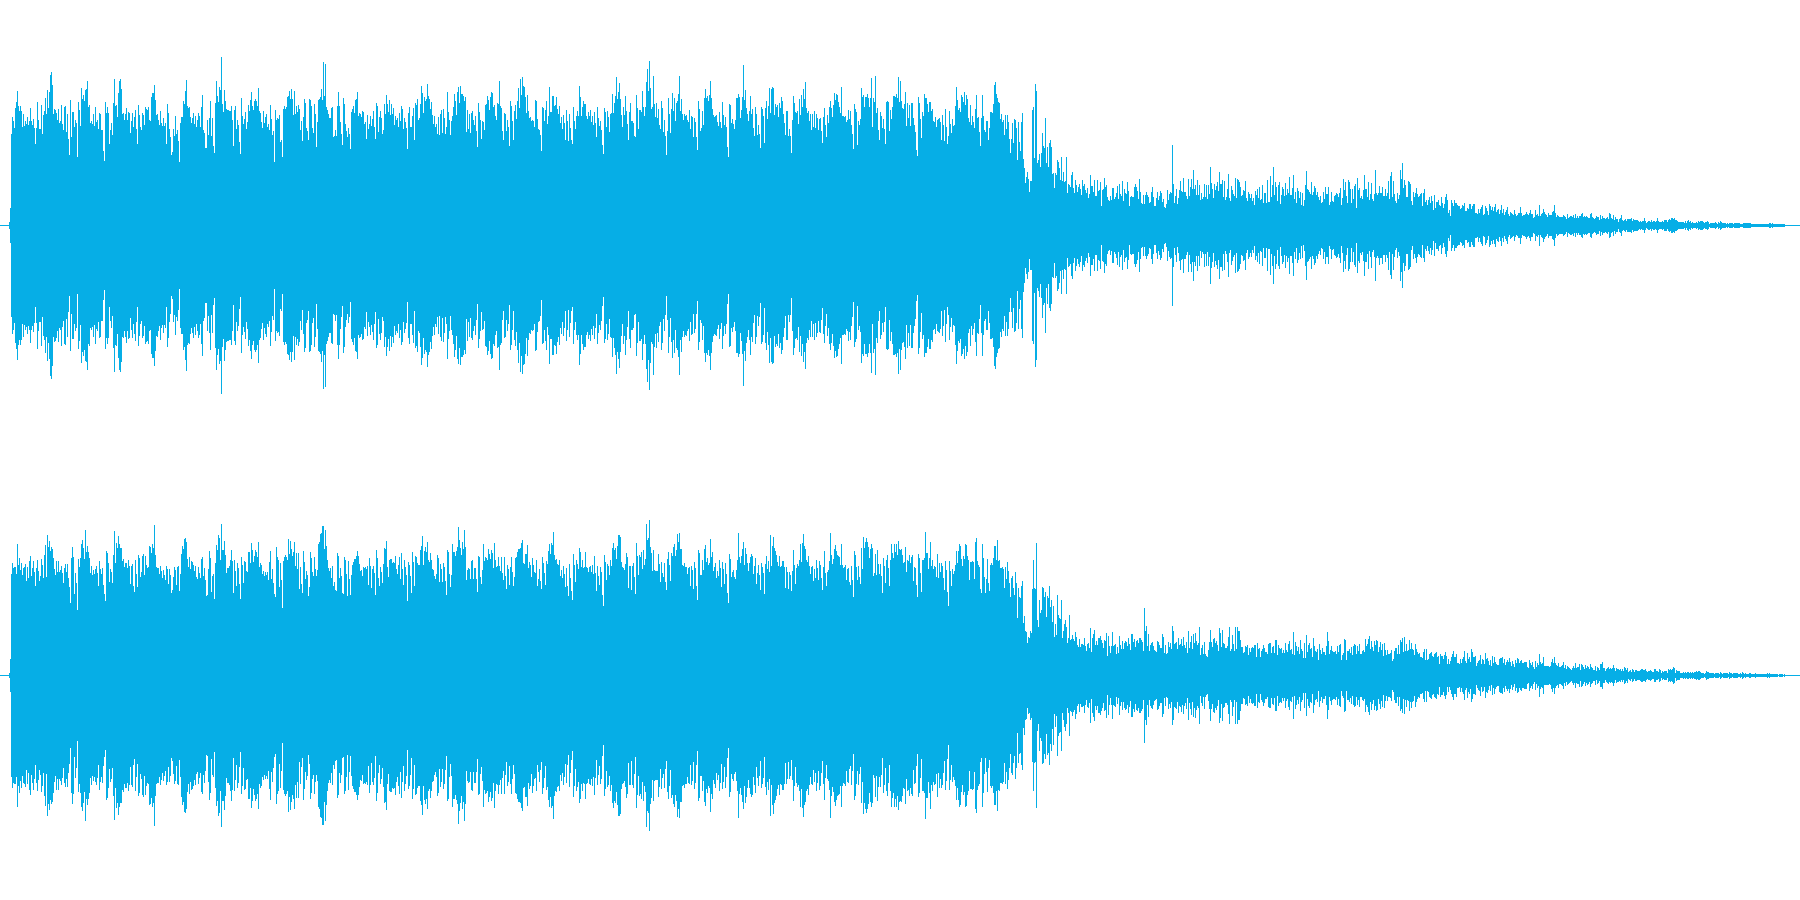 アサルトライフルの連射音の再生済みの波形